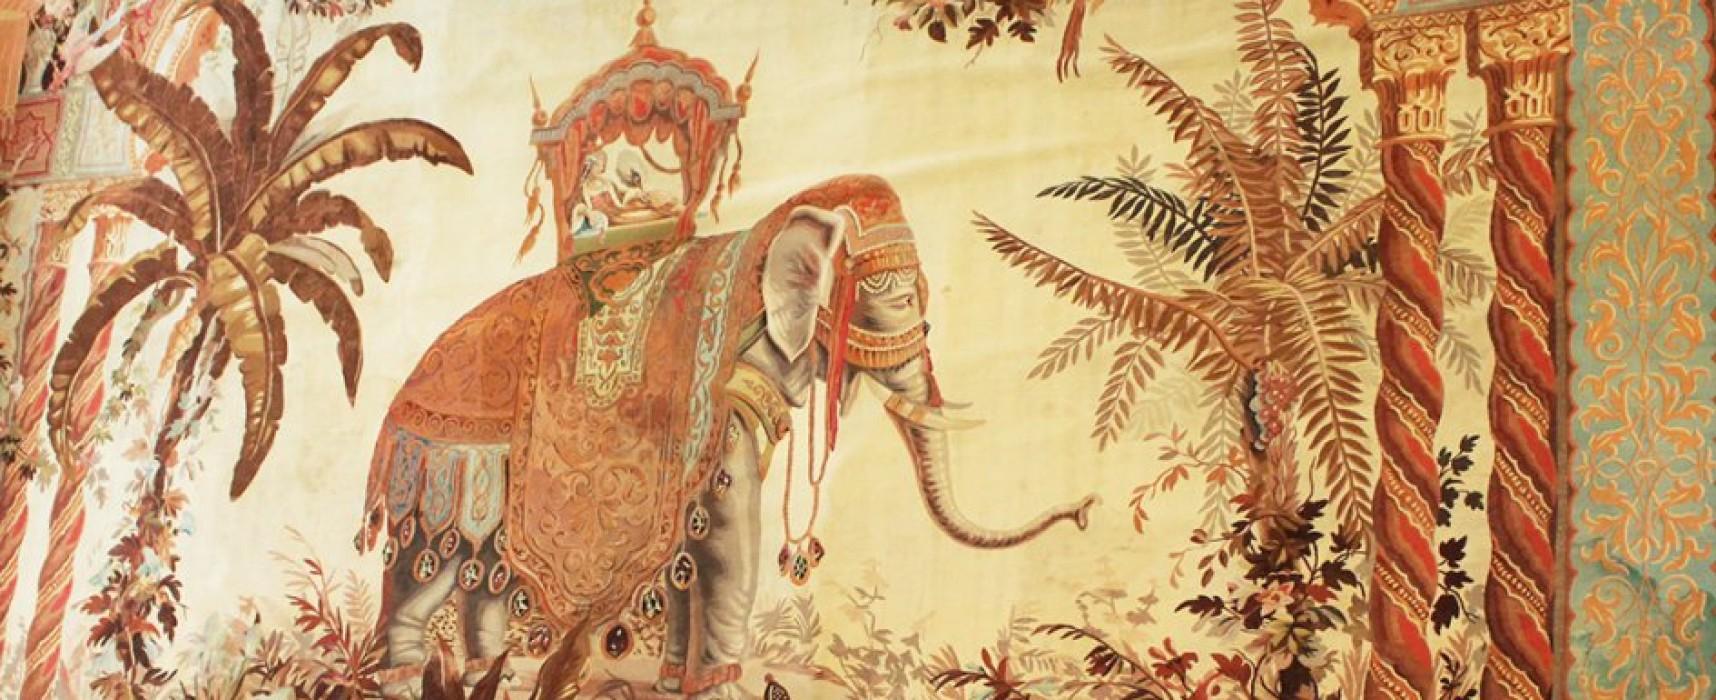 « L'Asie », tissée en 1844 par Sallandrouze, a retrouvé ses terres creusoises, prêtée par le Louvre